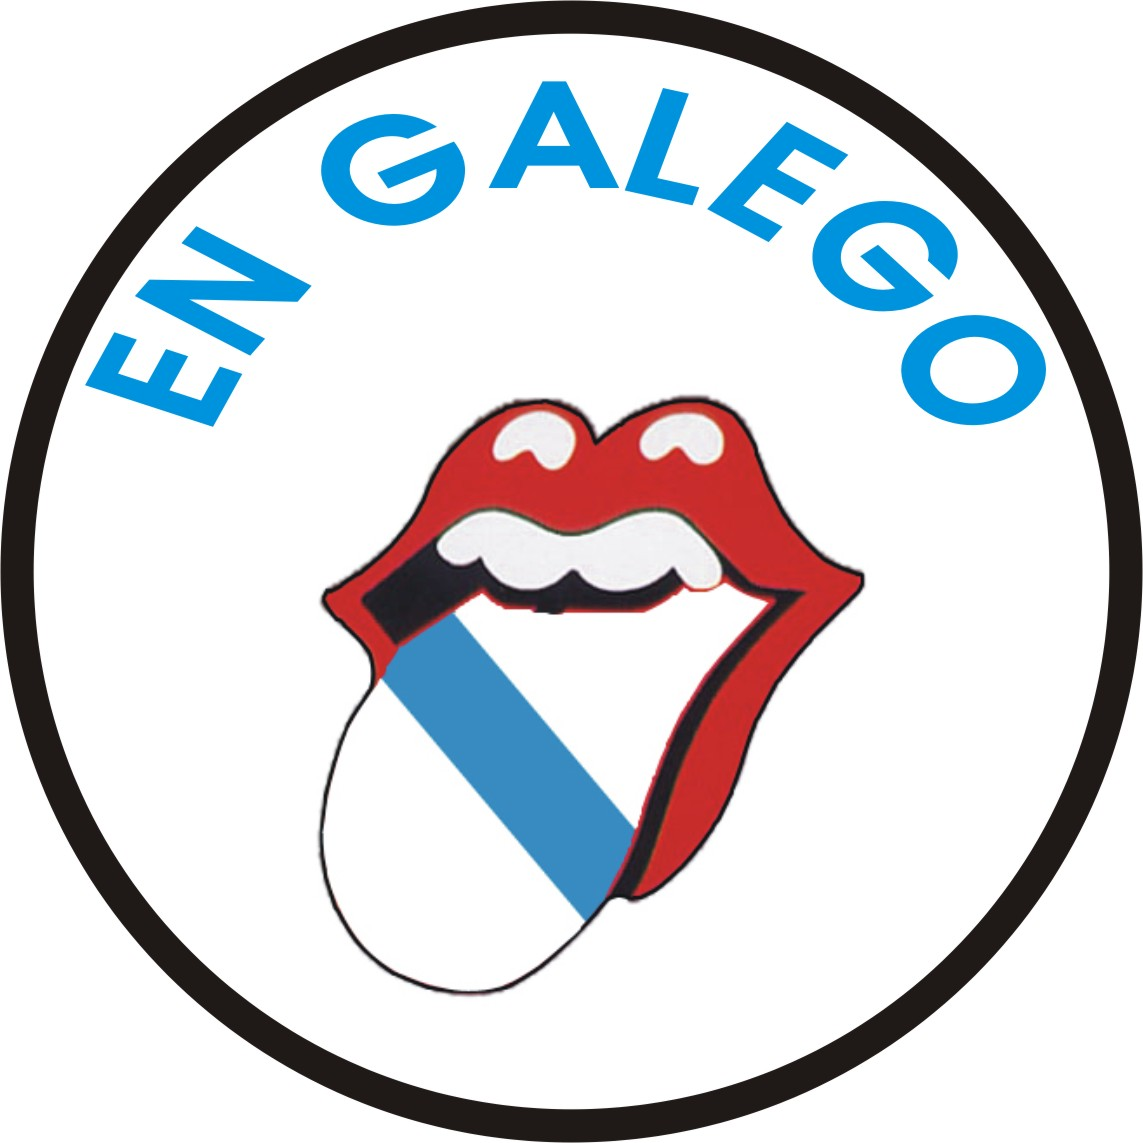 O LUGAR DO GALEGO